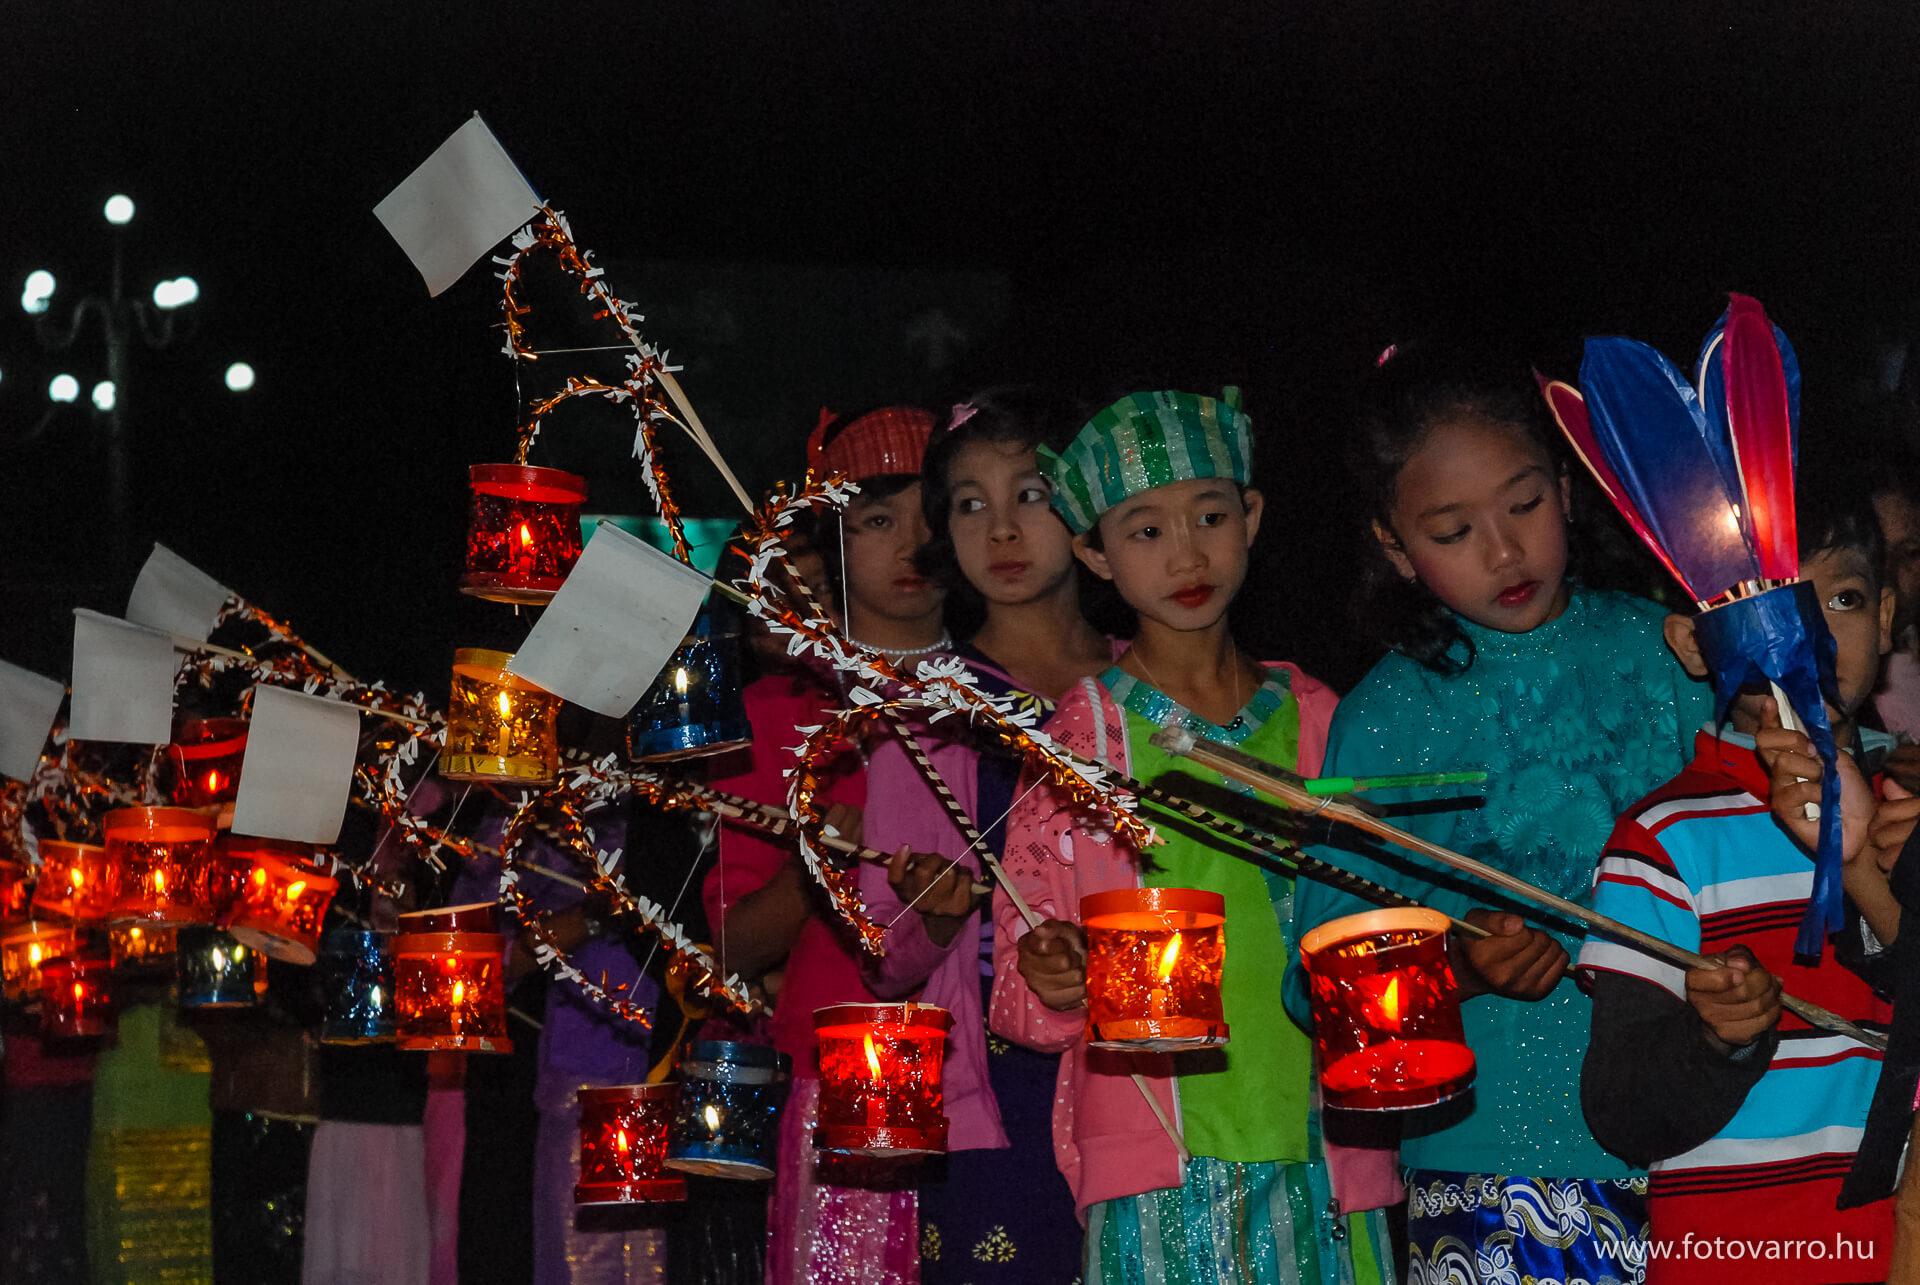 Burma_fotovarro_25